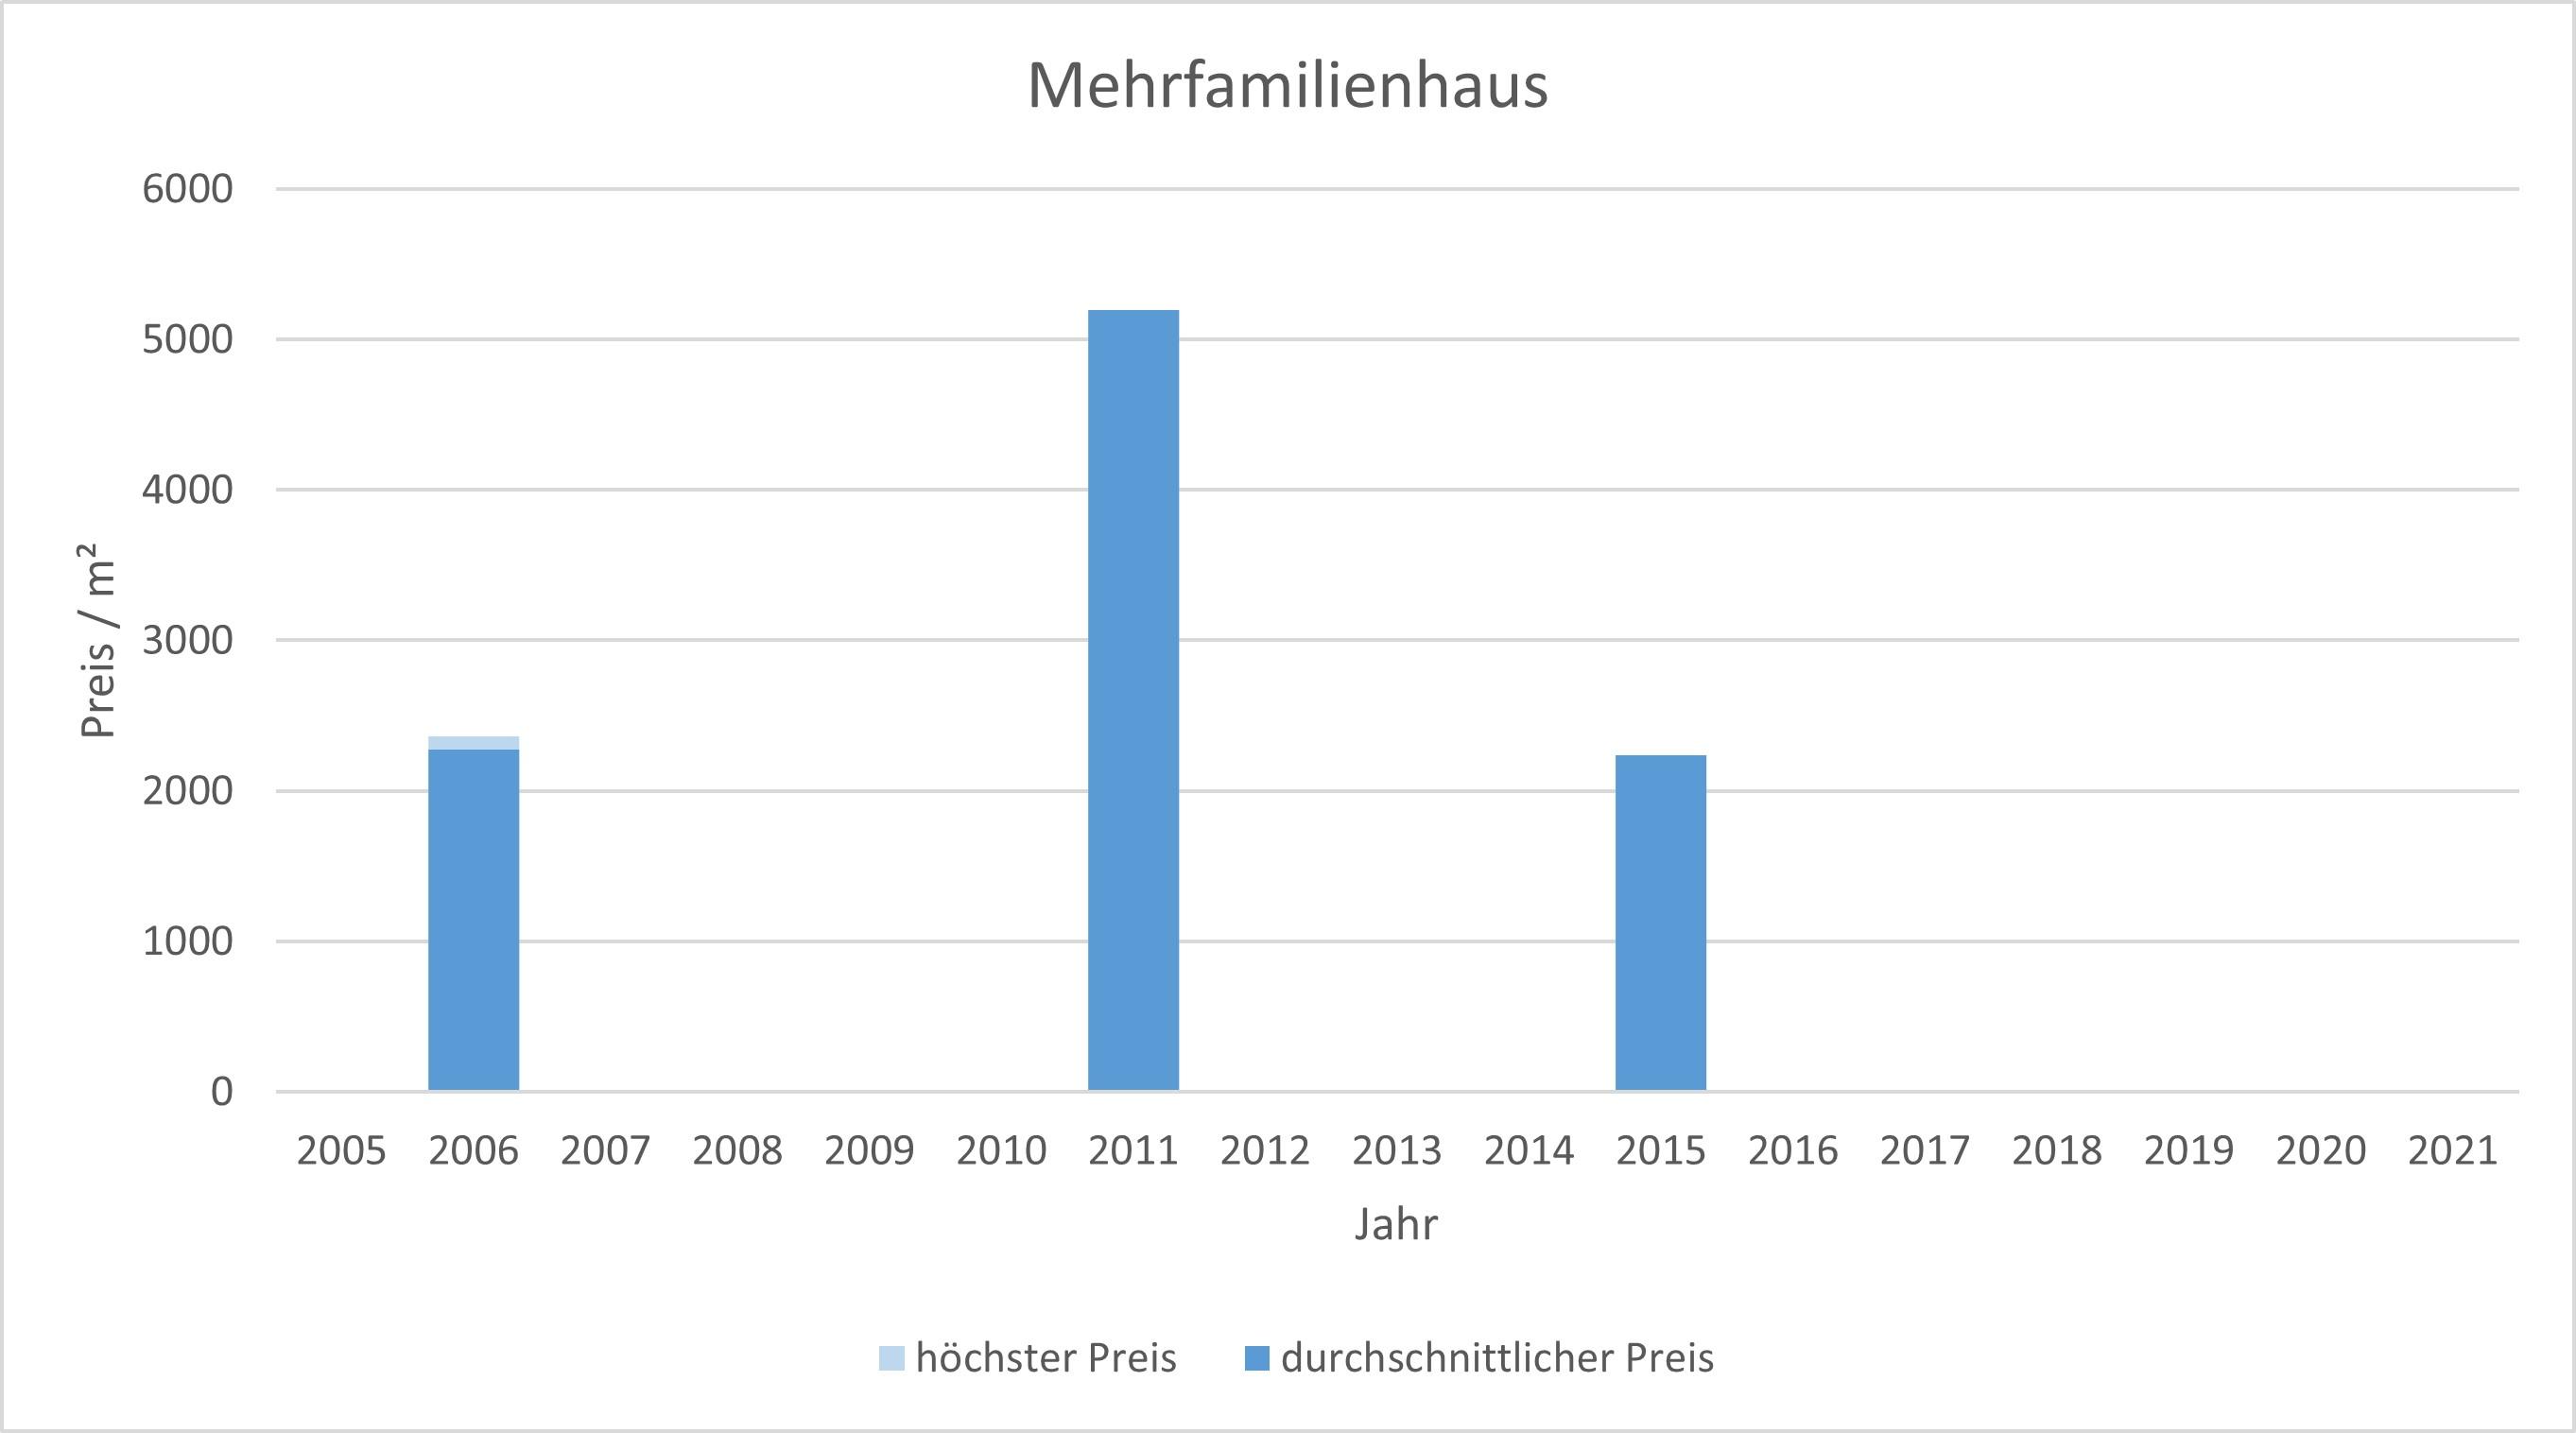 München - OberföhringMehrfamilienhaus kaufen verkaufen Preis Bewertung 2019 2020 2021 Makler www.happy-immo.de